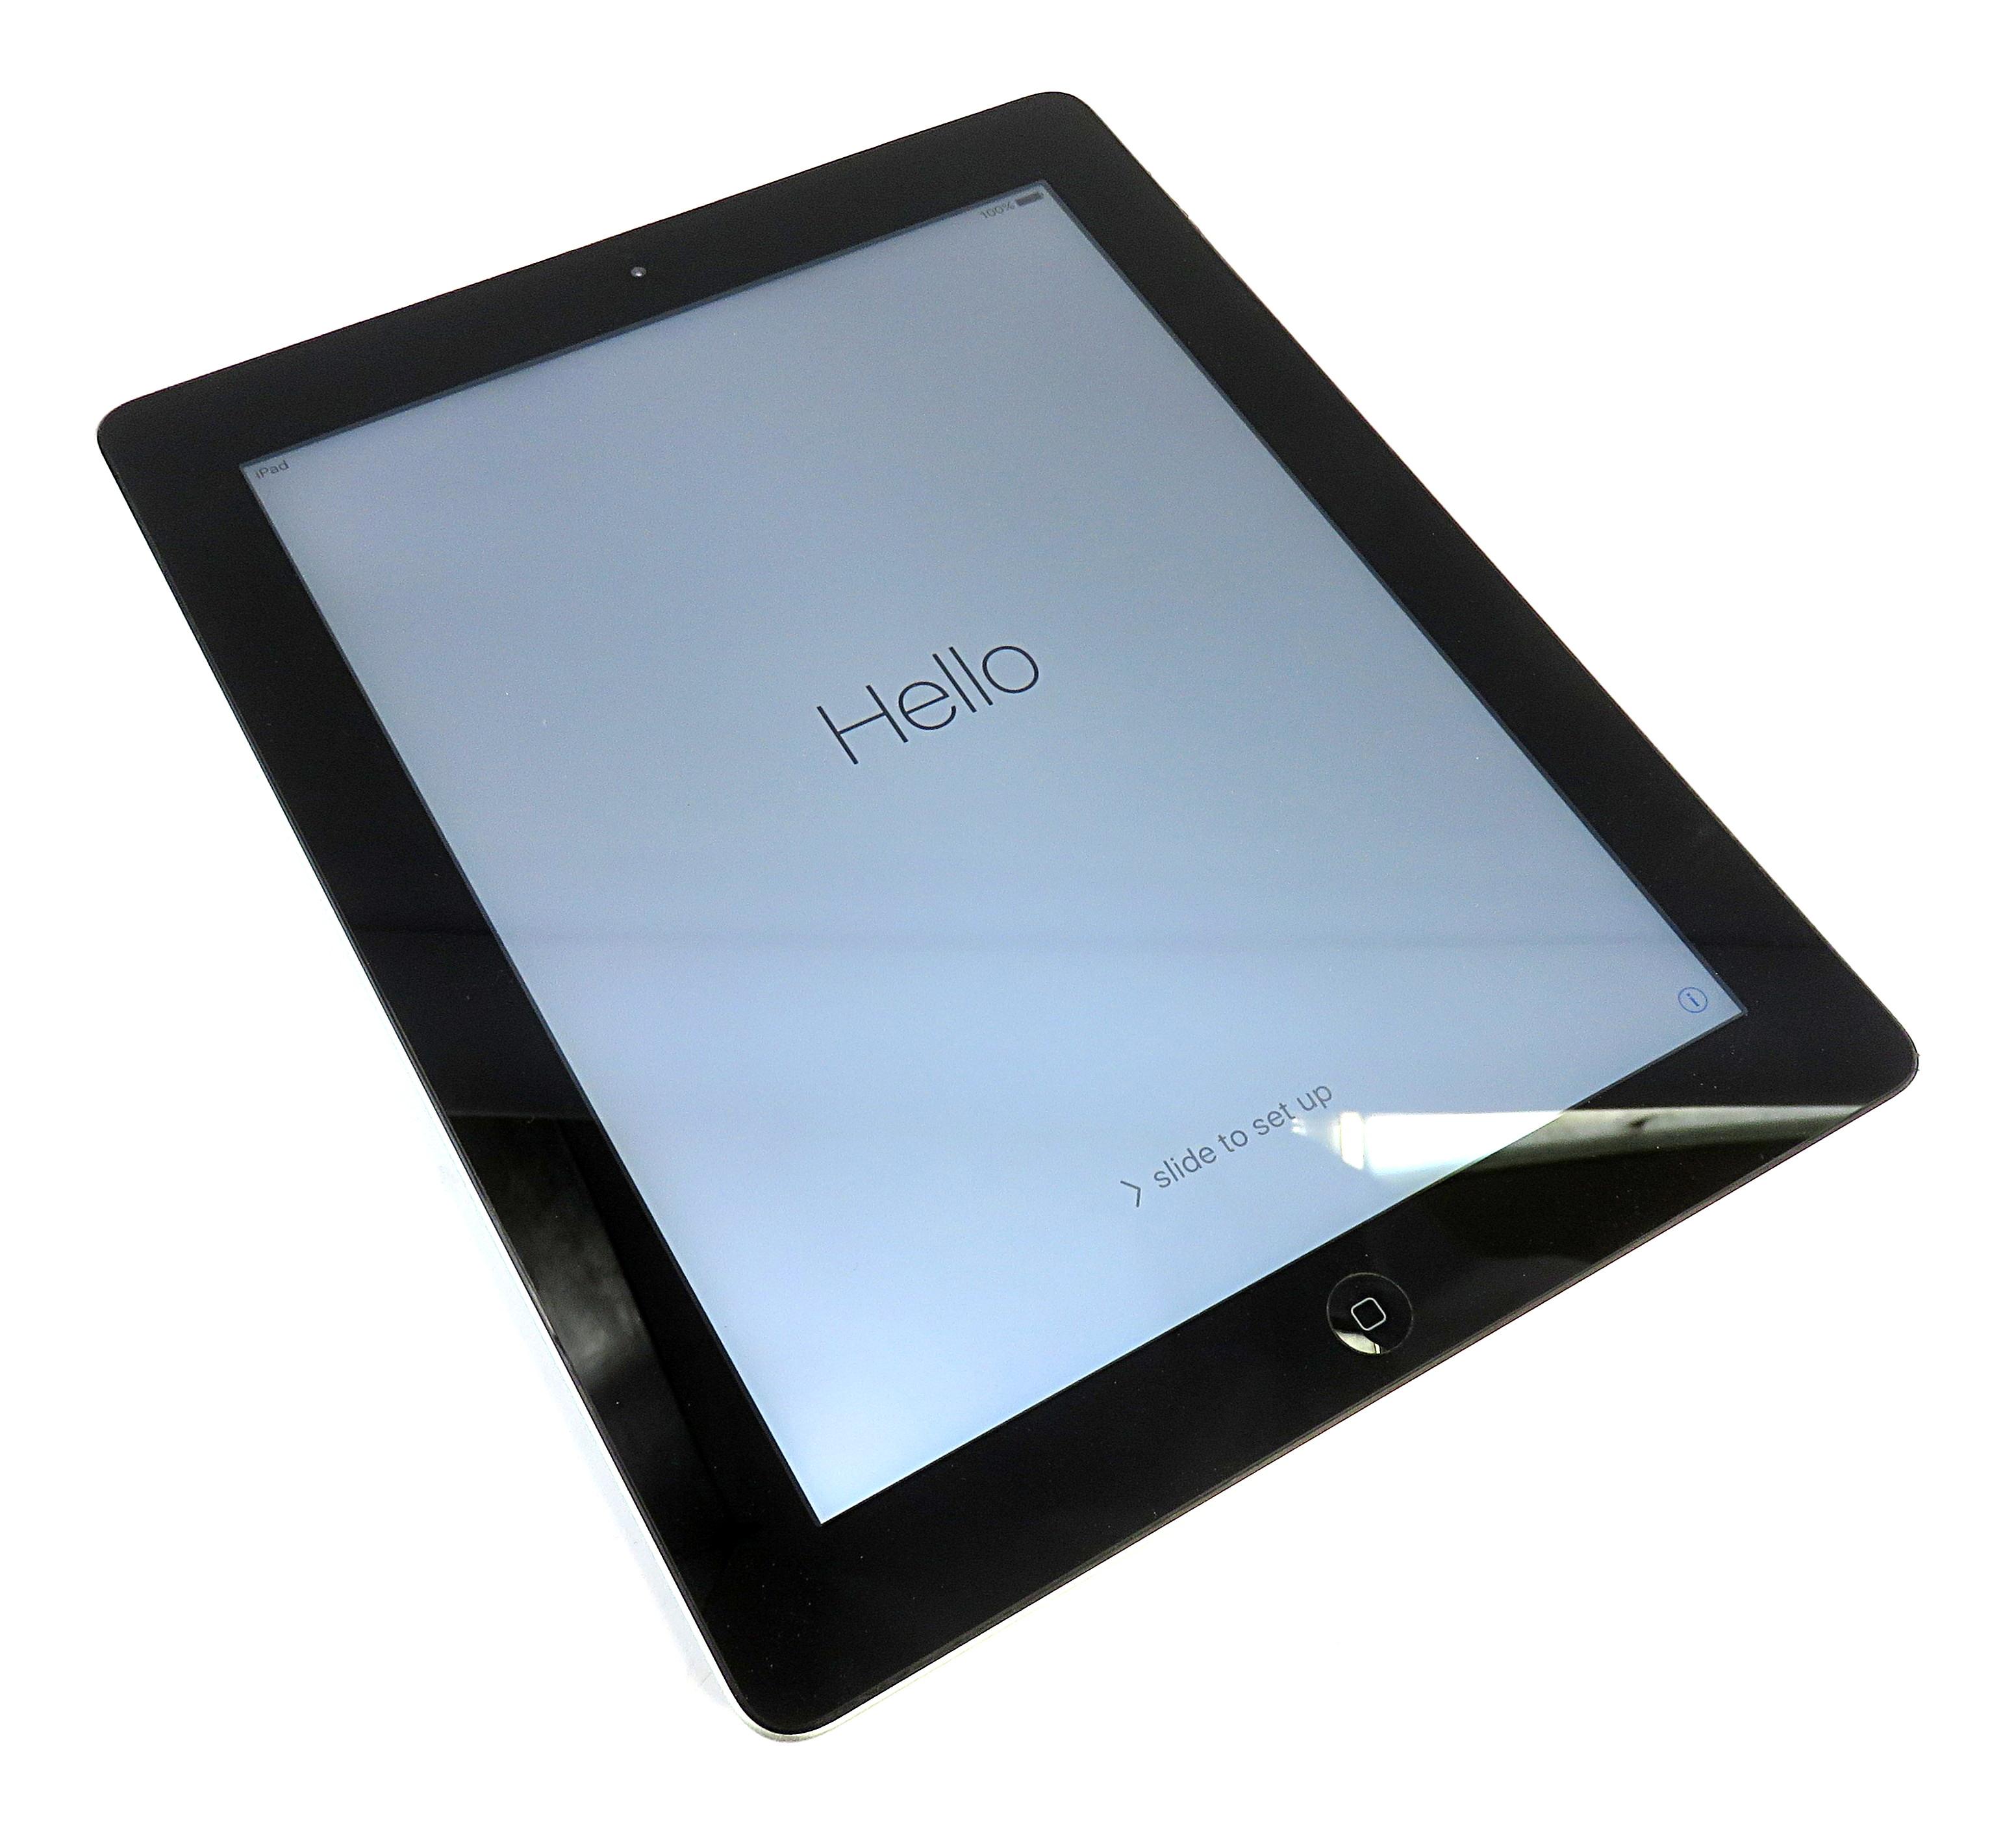 Apple iPad 3 A1416 - 32GB / WiFi / Black / Grade B